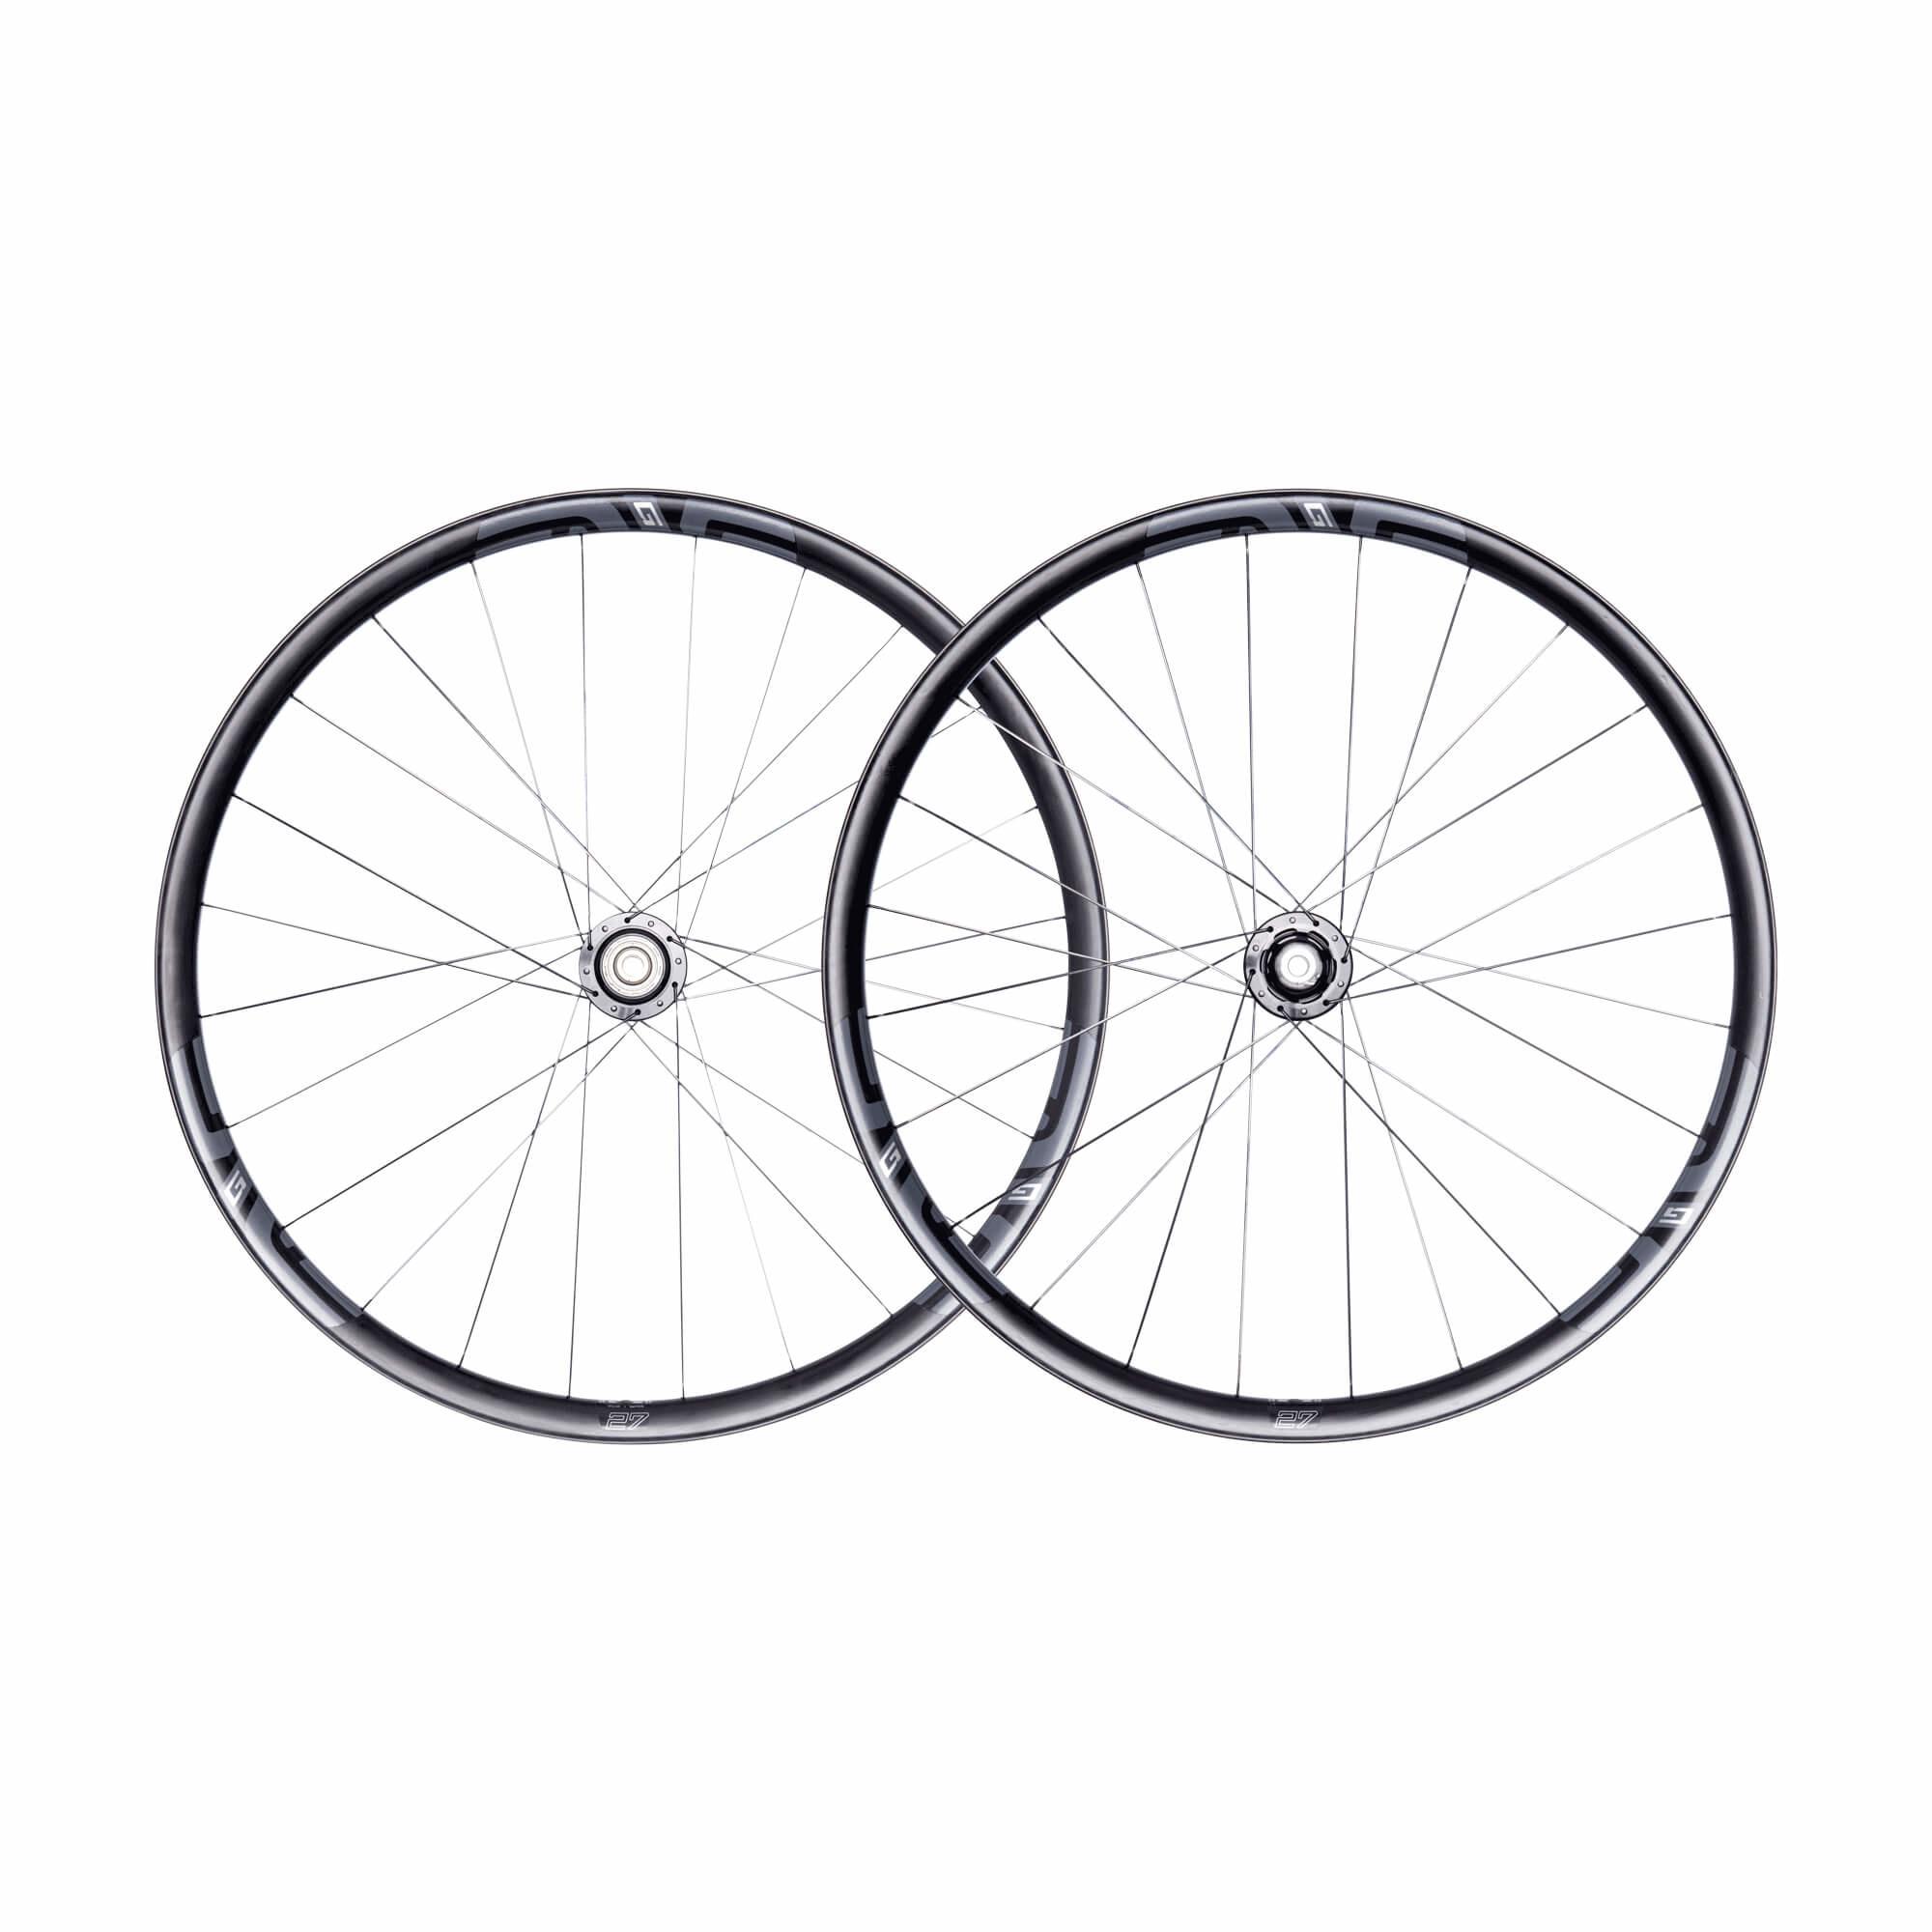 Wheelset G27-2